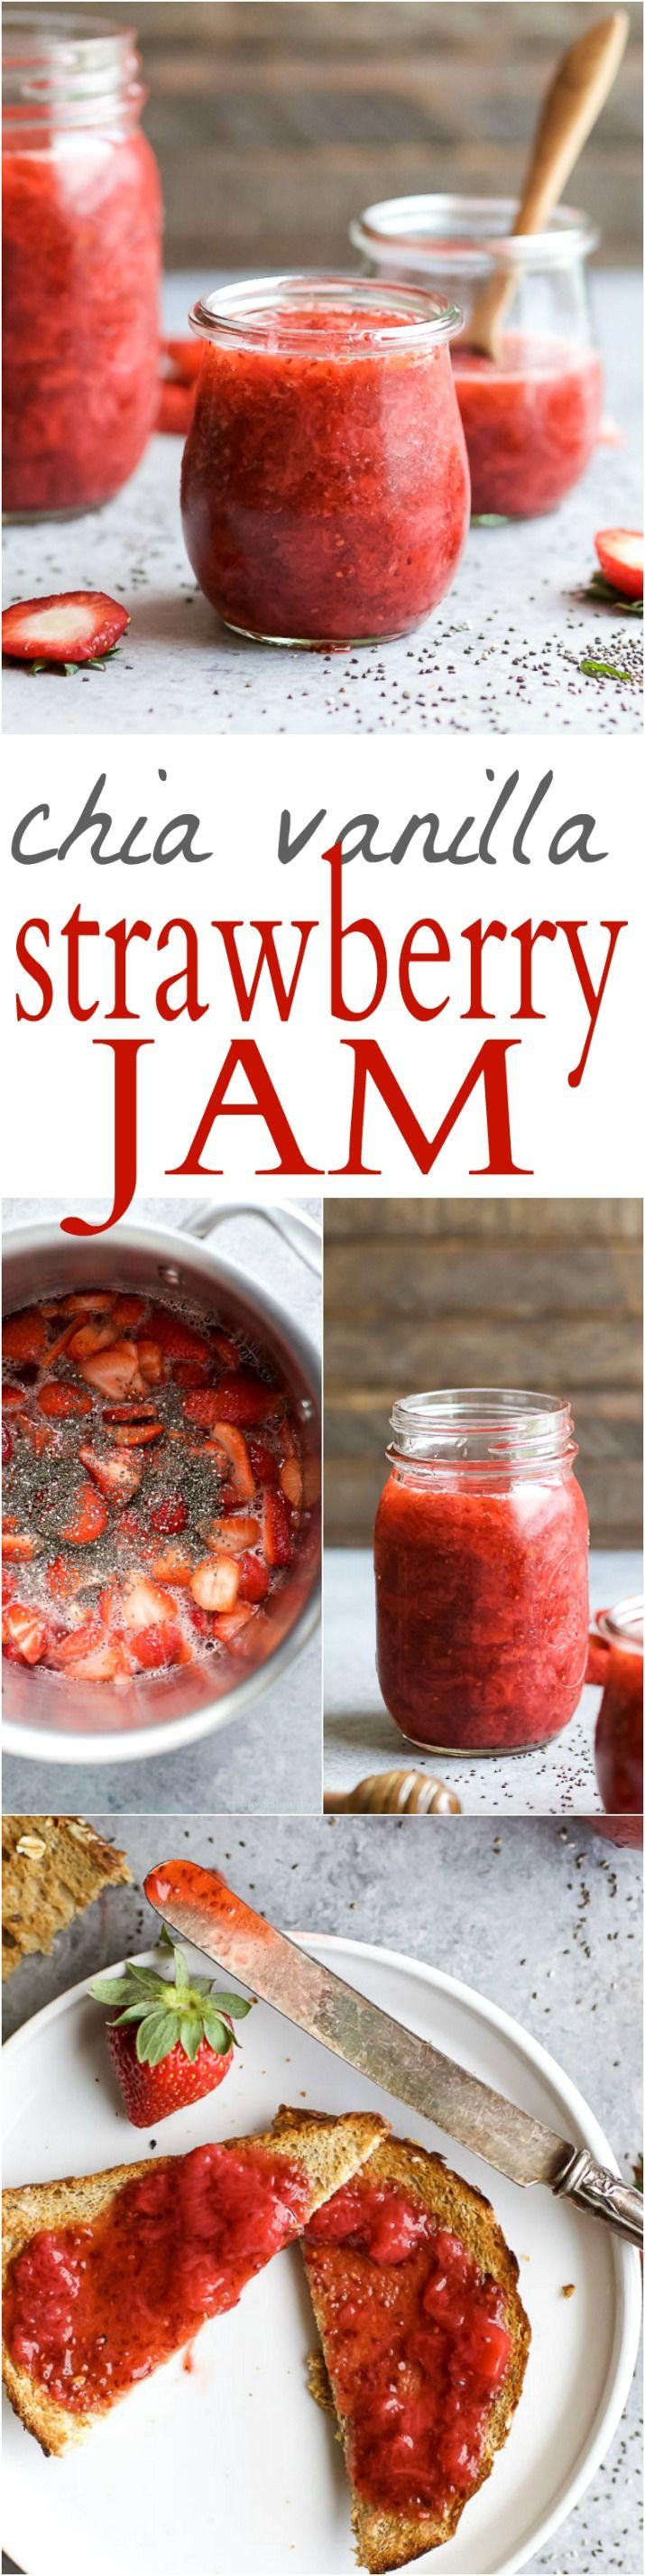 Vanilla Chia Strawberry Jam Recipe Joyful Healthy Eats